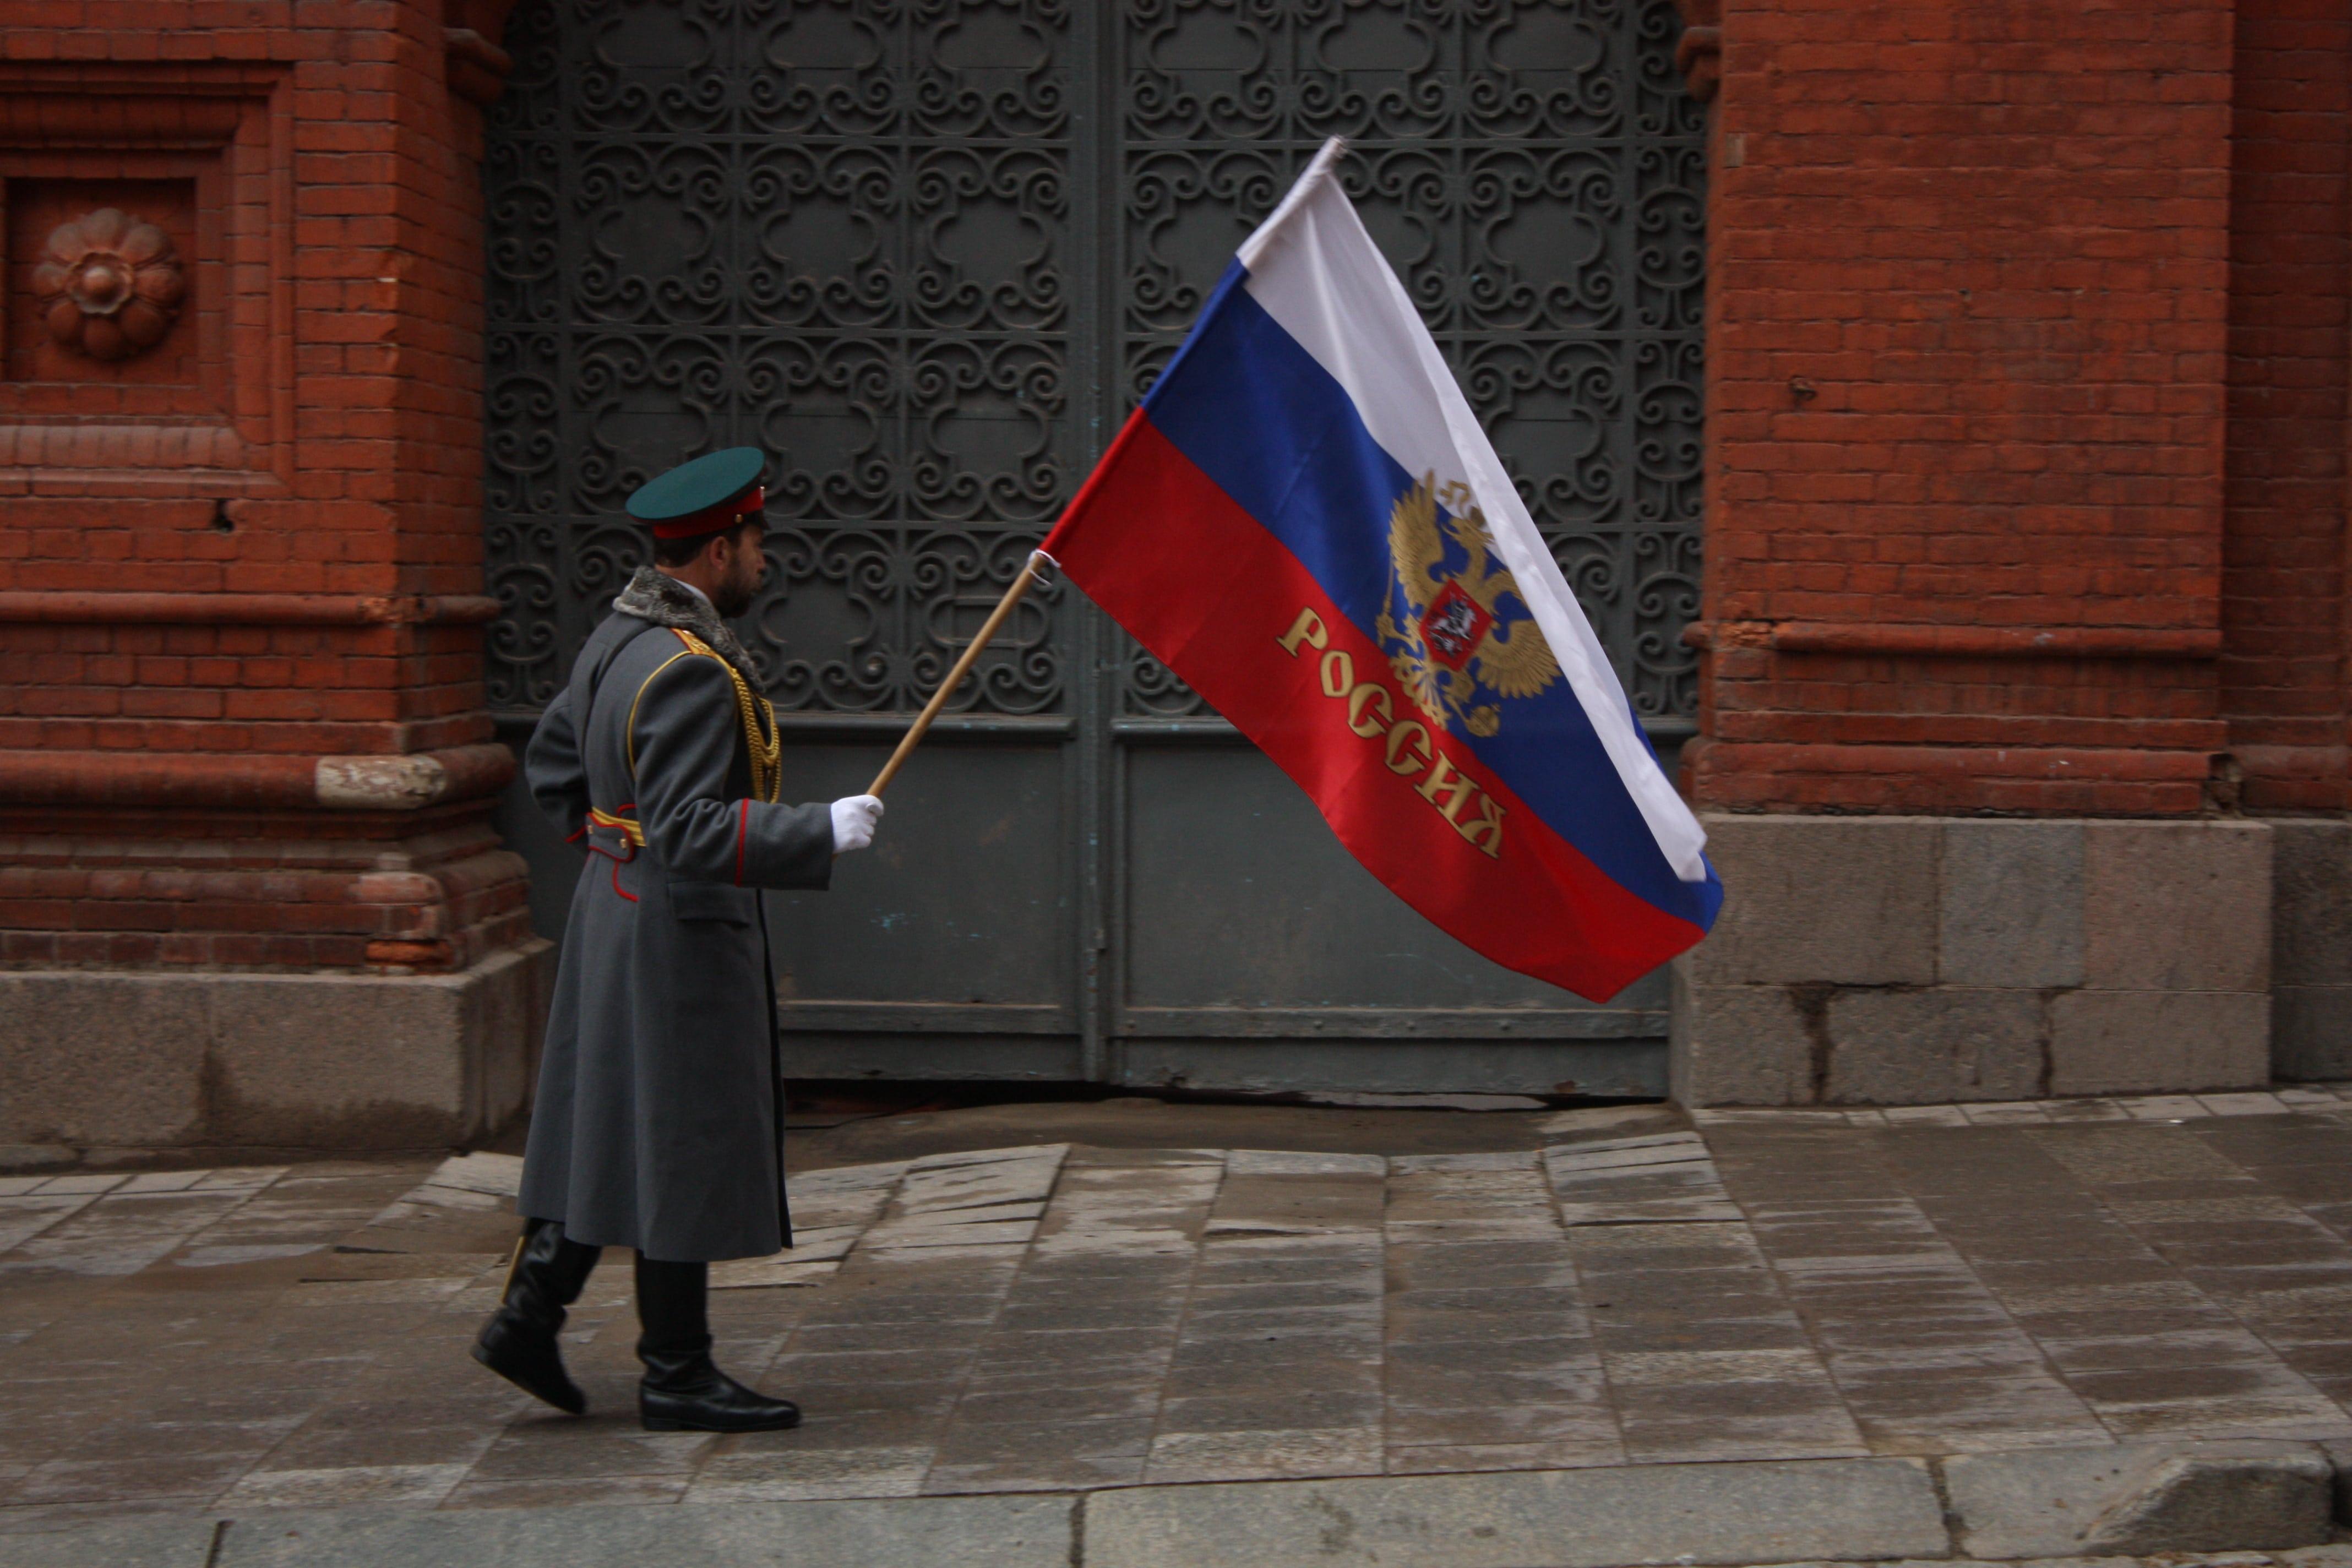 Federația Rusă, acuzată de Kiev că folosește serviciile secrete pentru a provoca conflicte interetnice în Ucraina